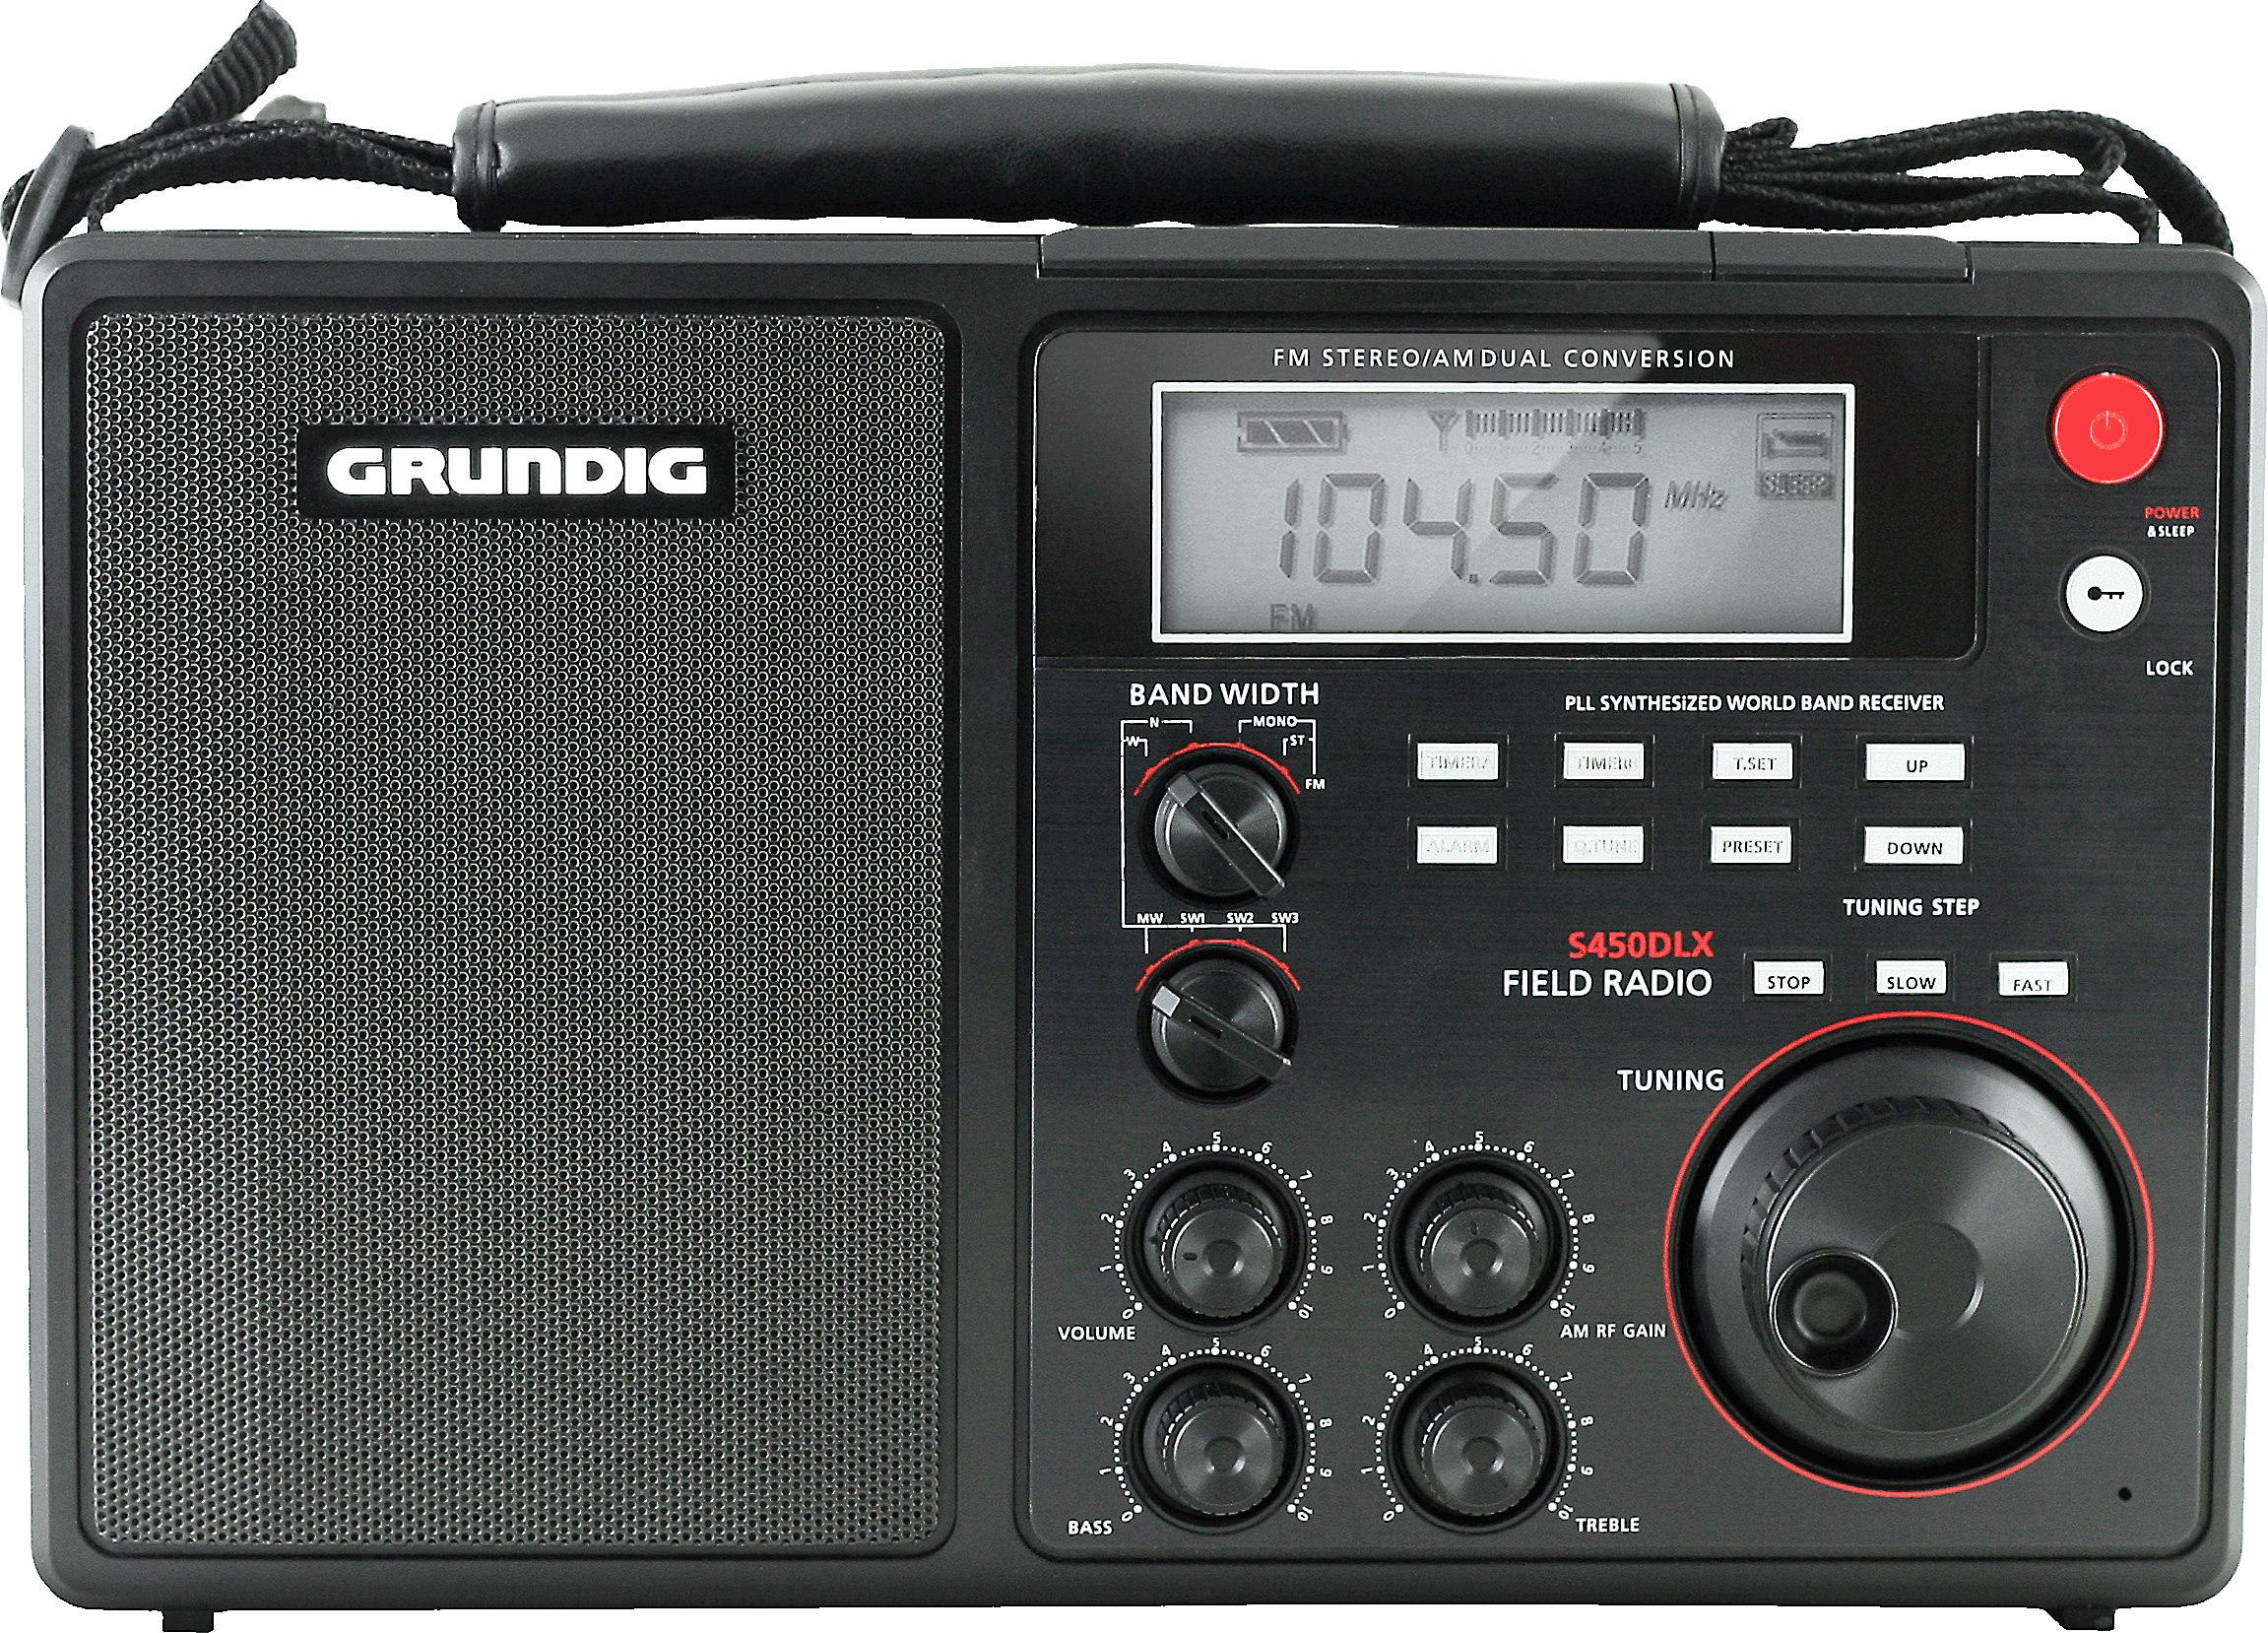 3dd3f465dd7 Grundig S450DLX Portable AM/FM/shortwave field radio at Crutchfield